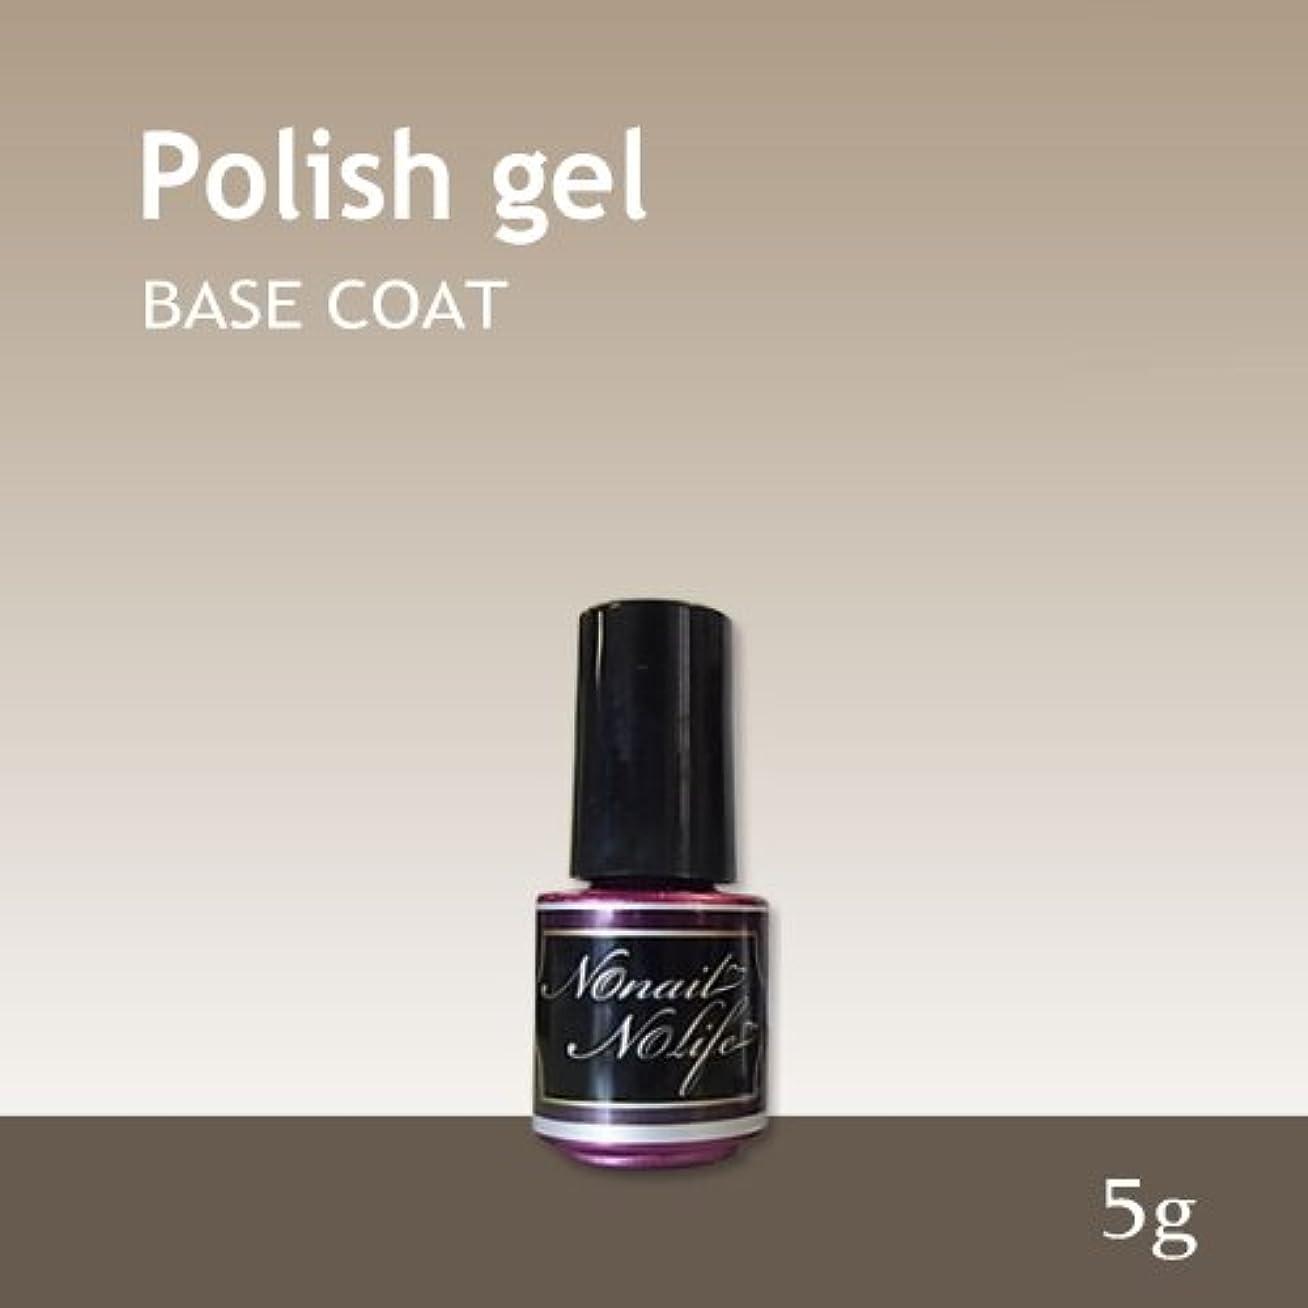 ラインナップ安全な殺すジェルネイル《サンディング不要のベースコート》Natural Polish ポリッシュベースジェル(5g)